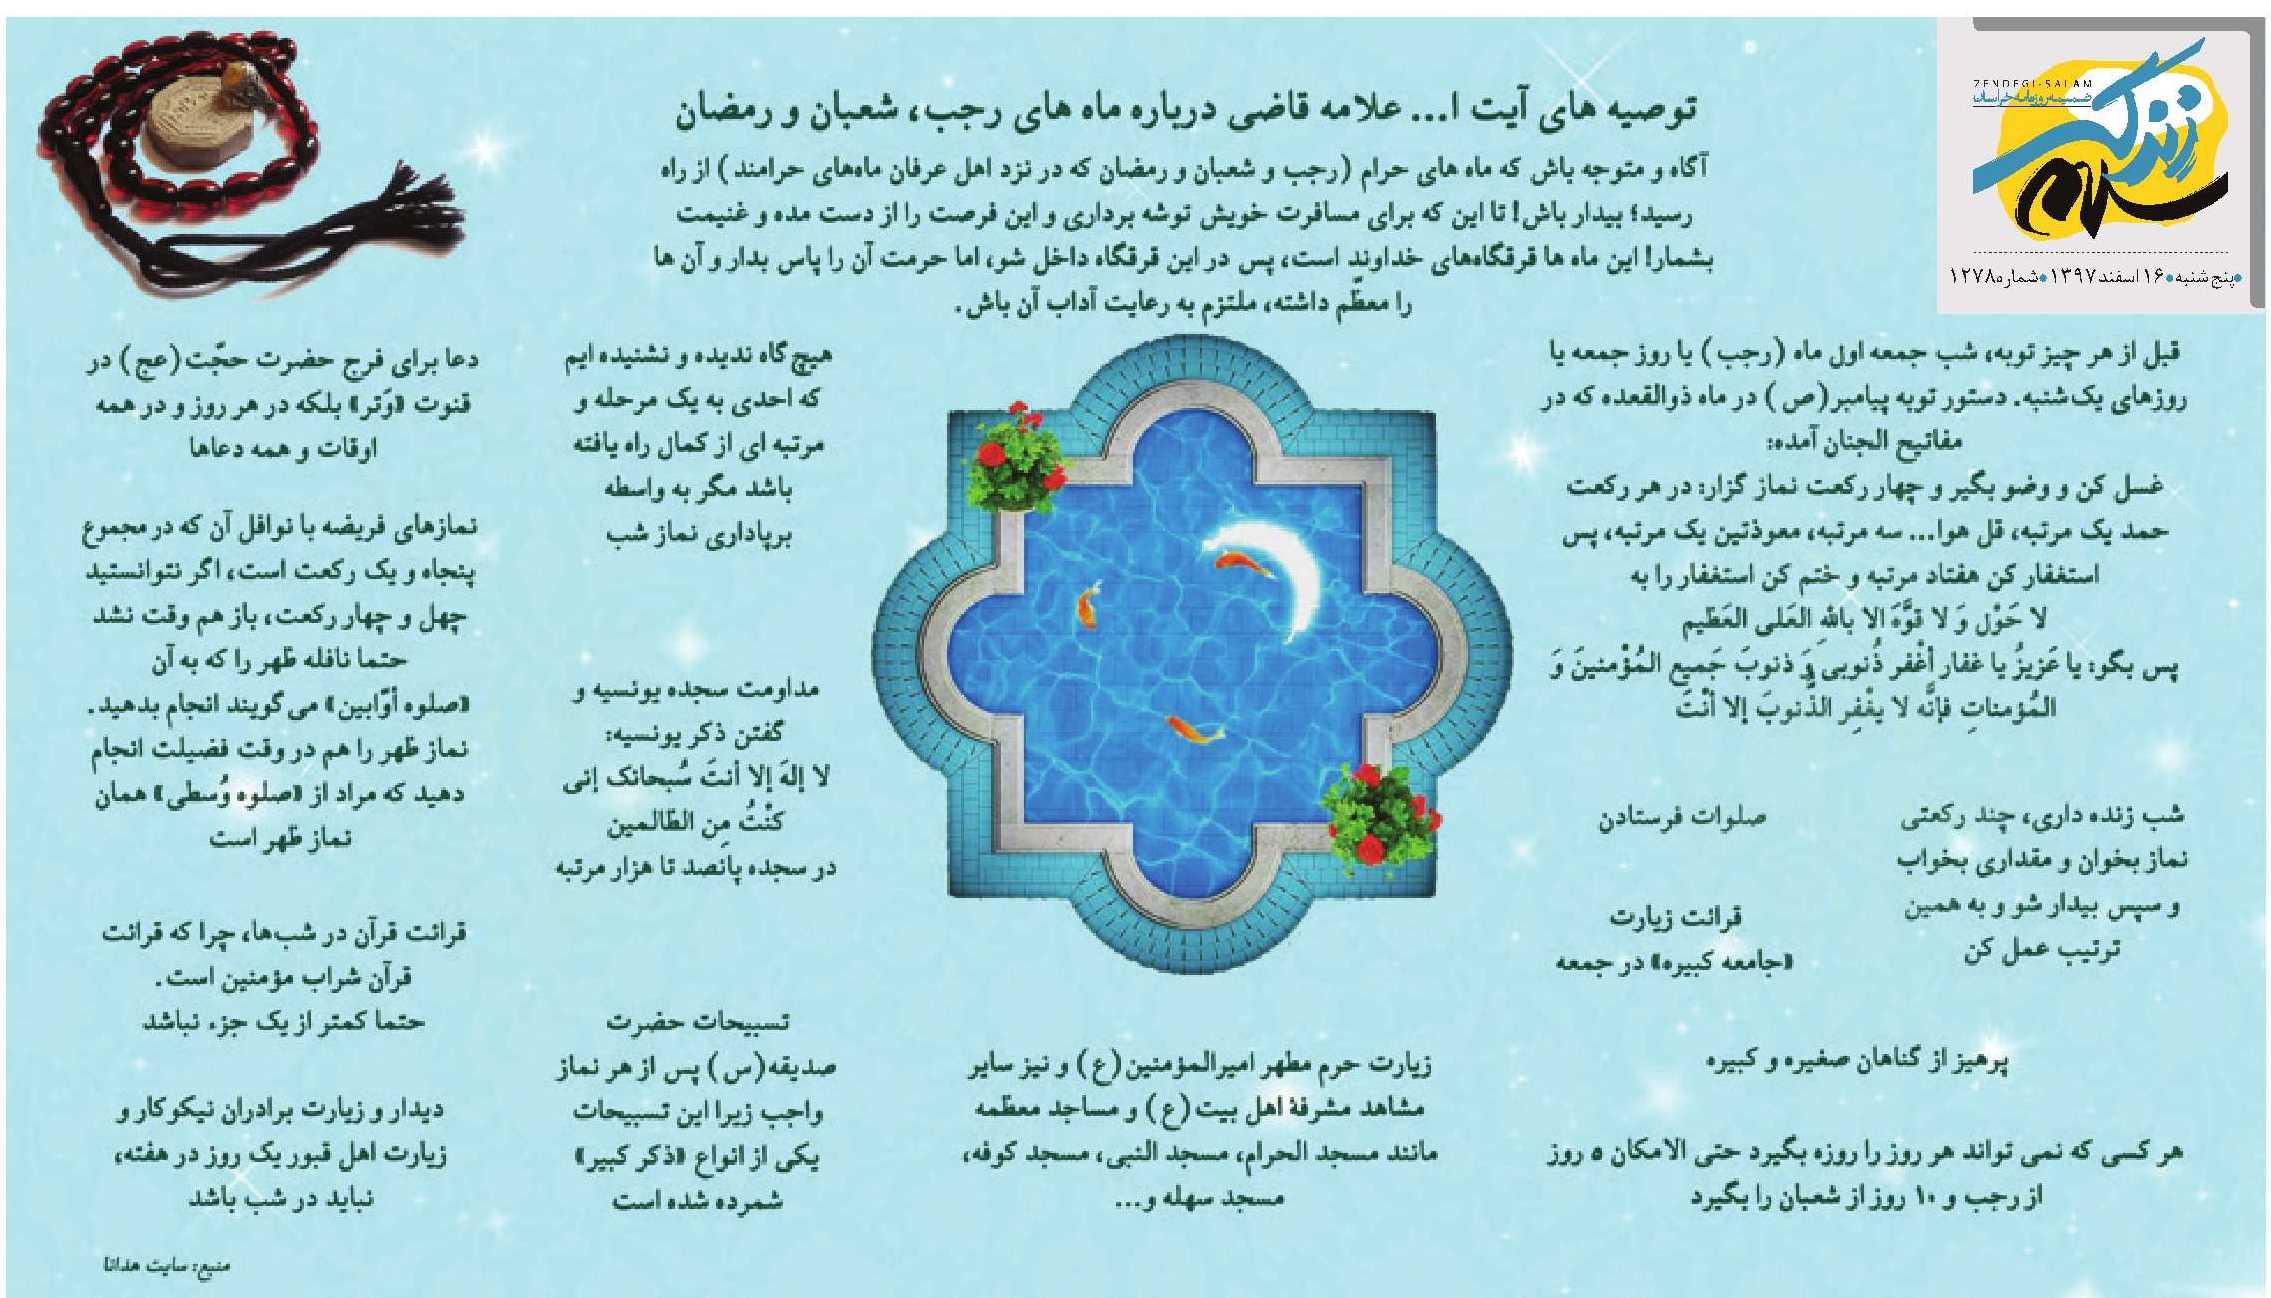 توصیههای آیت الله قاضی درباره ماه رجب، شعبان و رمضان